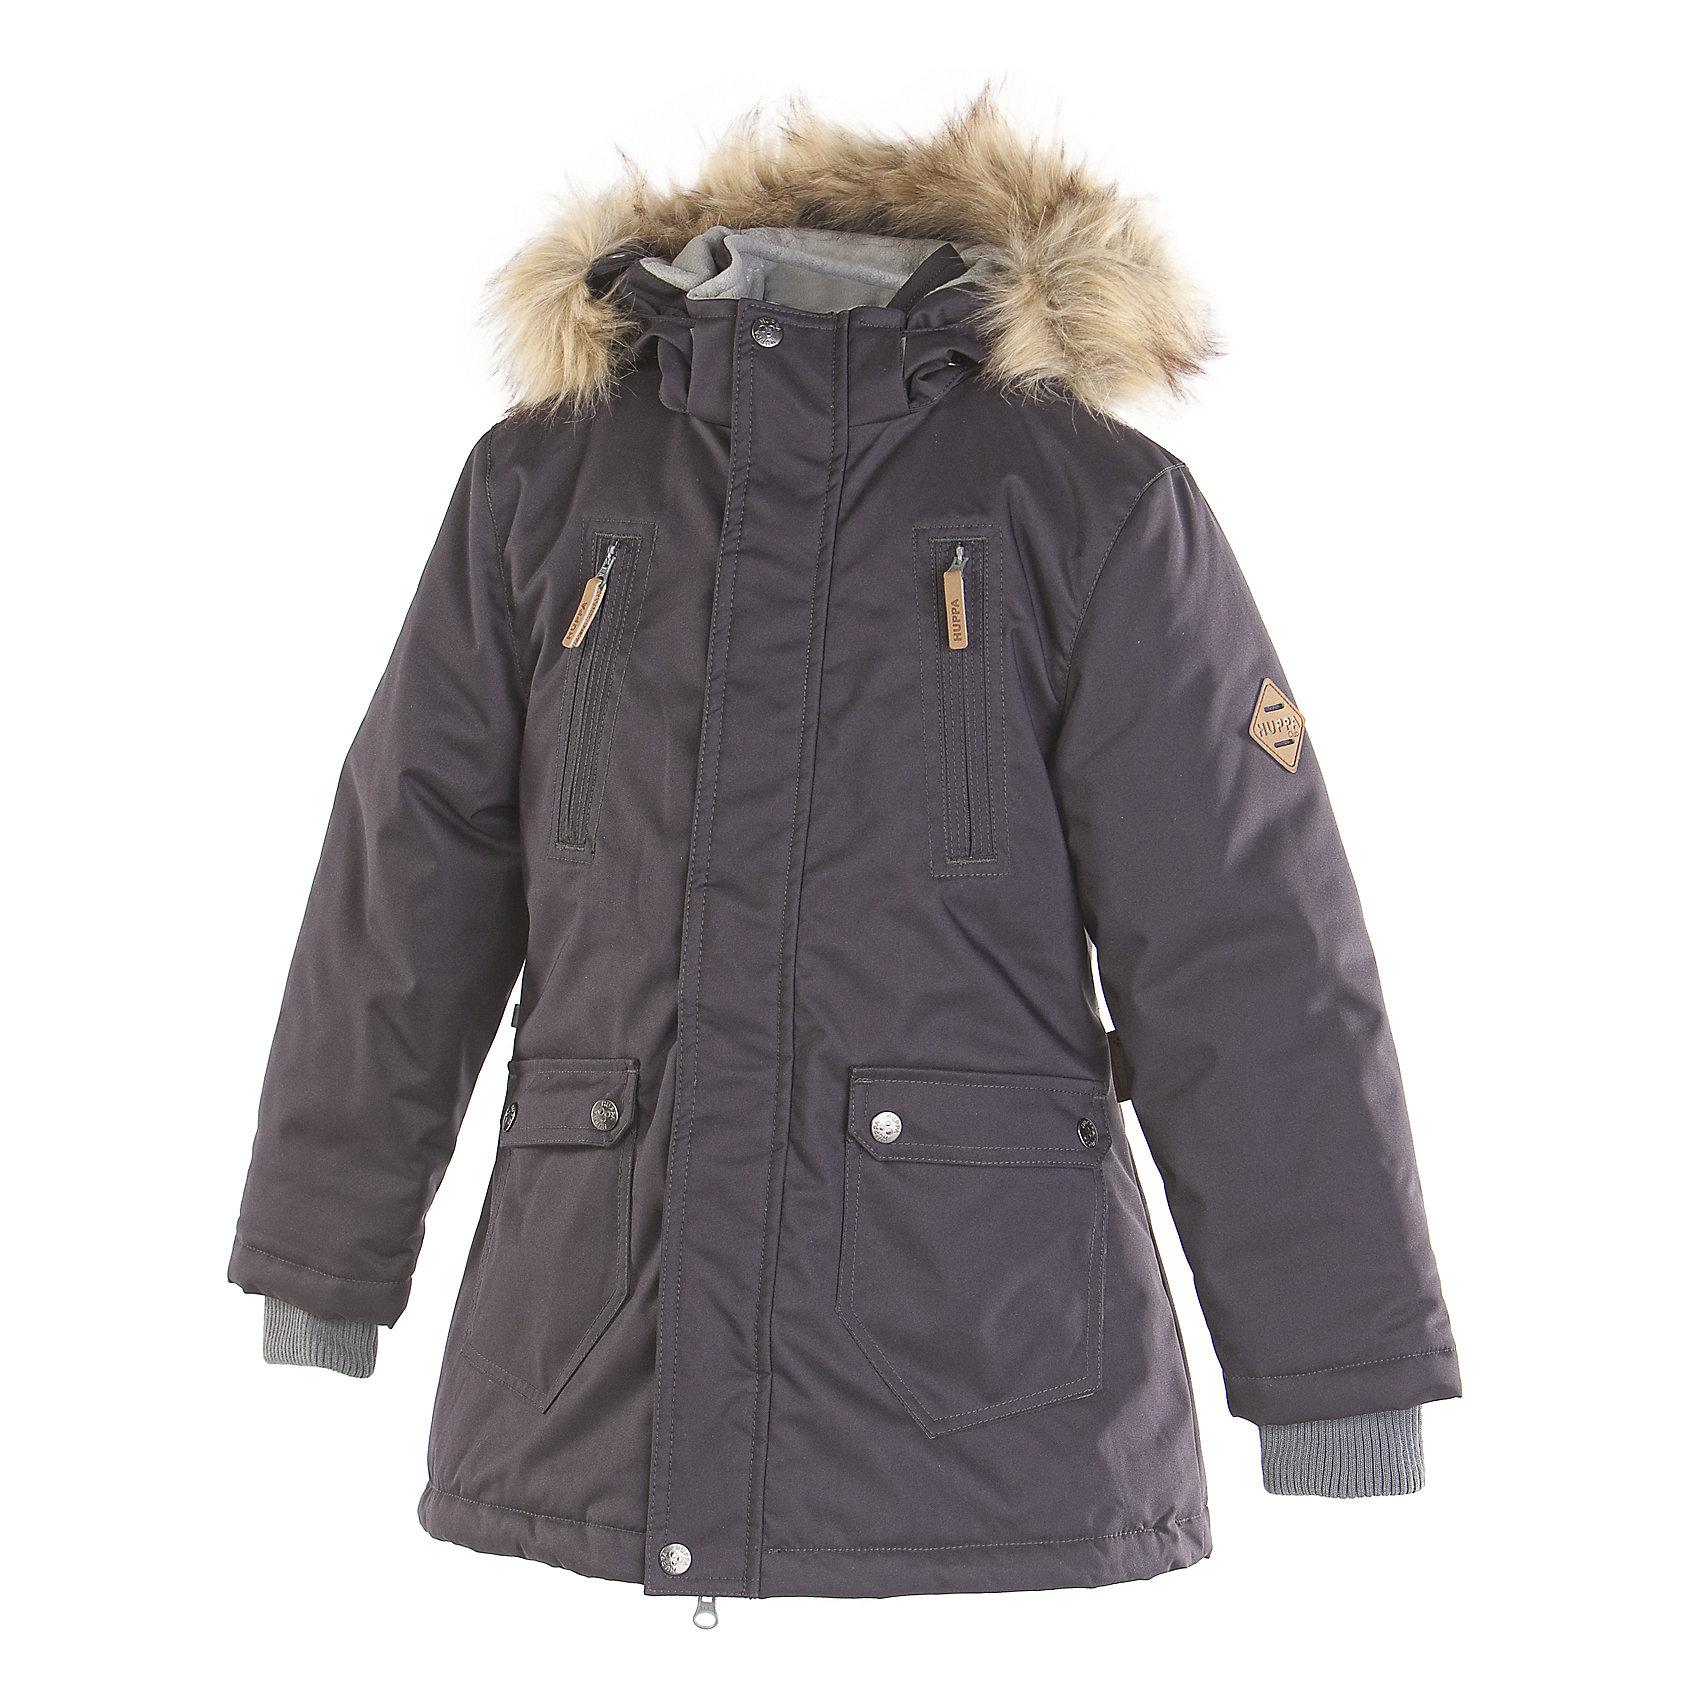 Куртка для мальчика HuppaЗимние куртки<br>Модная парка с легким ватином для юношей. У парки приятная подкладка частично из тафты и частично из флиса и отлично подходящая для нашего климата дышащая и водоотталкивающая ткань. Удобство ношения обеспечивают рукава с резинкой, регулируемый стопперами резиновый шнур и капюшон со съемным мехом. Самые ценные вещи молодой человек может спрятать в закрывающиеся на молнию карманы.<br>Huppa (Хуппа)Therm 200 грамм<br>Высокотехнологичный лёгкий синтетический утеплитель нового поколения, сохраняет объём и высокую теплоизоляцию изделия, а также легко стирается и быстро сохнет.<br>Влагоустойчивая и дышащая ткань 10 000/ 10 000<br>Мембрана препятствует прохождению воды и ветра сквозь ткань внутрь изделия, позволяя испаряться выделяемой телом, образовывающейся внутри влаге.<br>Проклеенные швы<br>Для максимальной влагонепроницаемости изделия, важнейшие швы проклеены водостойкой лентой.<br>Прочная ткань<br>Сплетения волокон в тканях выполнены по специальной технологии, которая придаёт ткани прочность и предохранят от истирания.<br>Светоотражательные детали<br>При плохих погодных условиях или в темноте, когда свет падает на одежду, он отражается, делая ребёнка более заметным, уменьшая возможность несчастных случаев.<br><br>Дополнительная информация:<br><br>Температурный режим: от 0° до -15°С<br>Ткань: 100% полиэстер<br>Подкладка: тафта- 100% полиэстер, флис - 100% полиэстер<br>Утеплитель: 100% полиэстер - 200г.<br>Плечевые швы проклеены<br>Капюшон с отстёгивающимся мехом<br><br>Куртку для мальчика Huppa (Хуппа) можно купить в нашем магазине.<br><br>Ширина мм: 356<br>Глубина мм: 10<br>Высота мм: 245<br>Вес г: 519<br>Цвет: серый<br>Возраст от месяцев: 48<br>Возраст до месяцев: 60<br>Пол: Мужской<br>Возраст: Детский<br>Размер: 110,134,146,116,104,158,152,170,164,140,122,128<br>SKU: 4242245